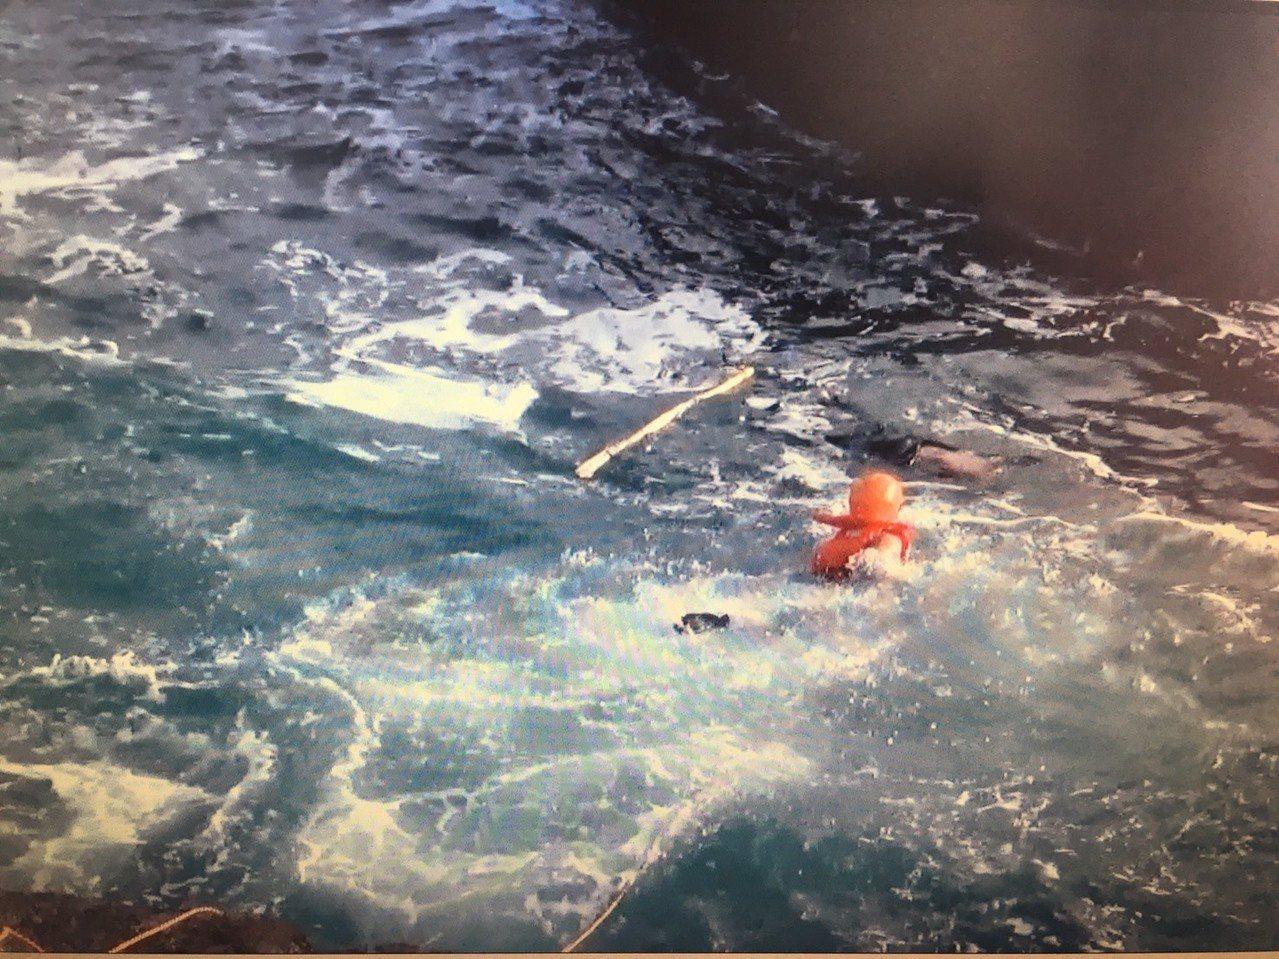 岸巡人員前往搶救溺水男子。圖/一、二岸巡總隊提供